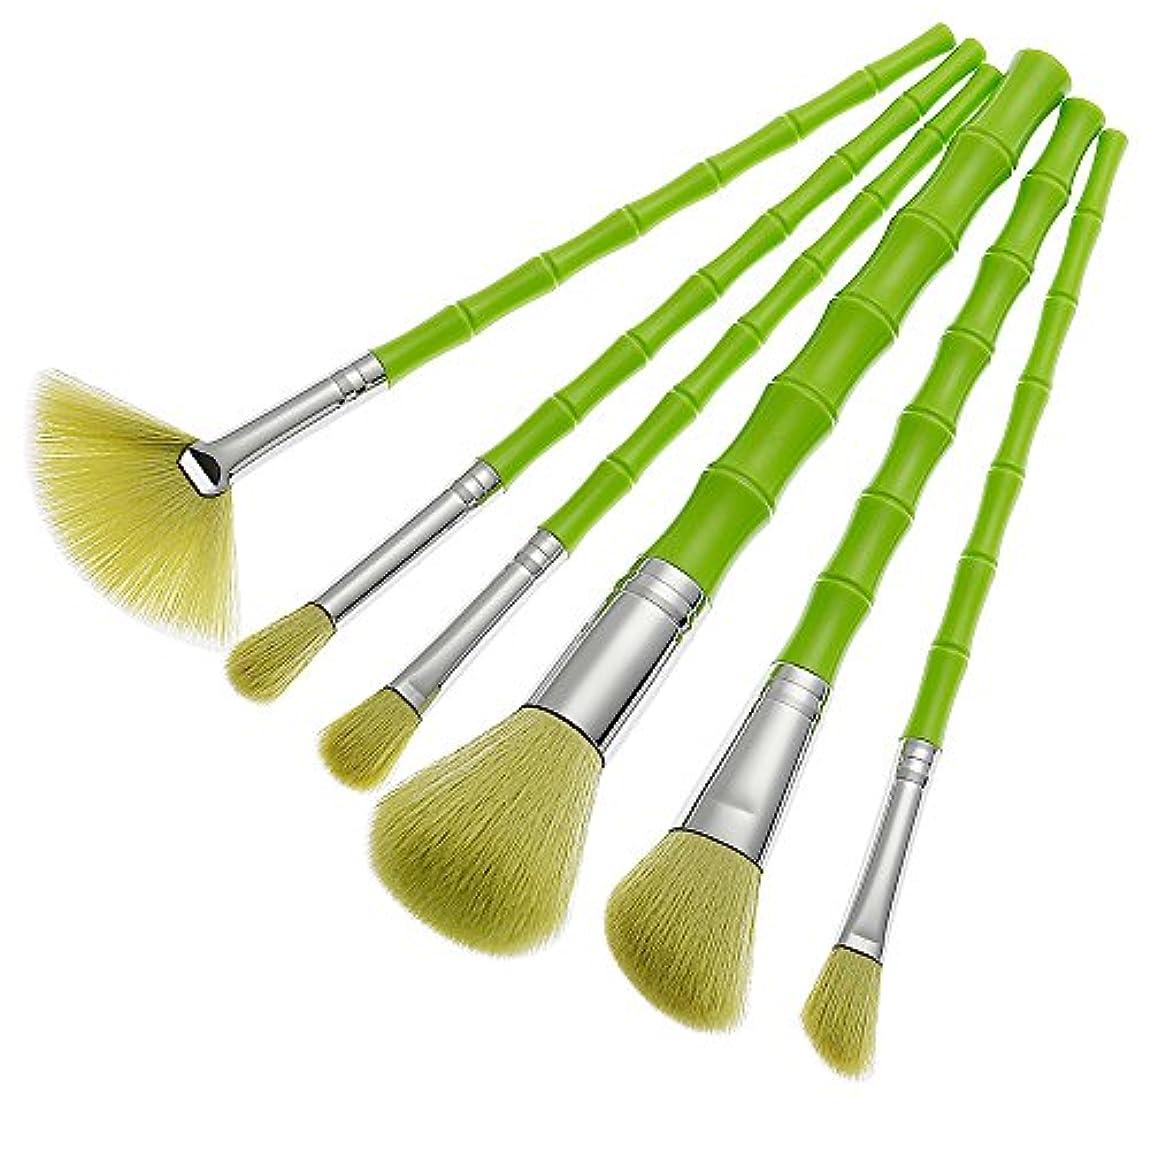 給料厄介な習慣(プタス)Putars メイクブラシ メイクブラシセット 6本セット 竹模様 グリーン 化粧ブラシ ふわふわ お肌に優しい 毛量たっぷり メイク道具 プレゼント